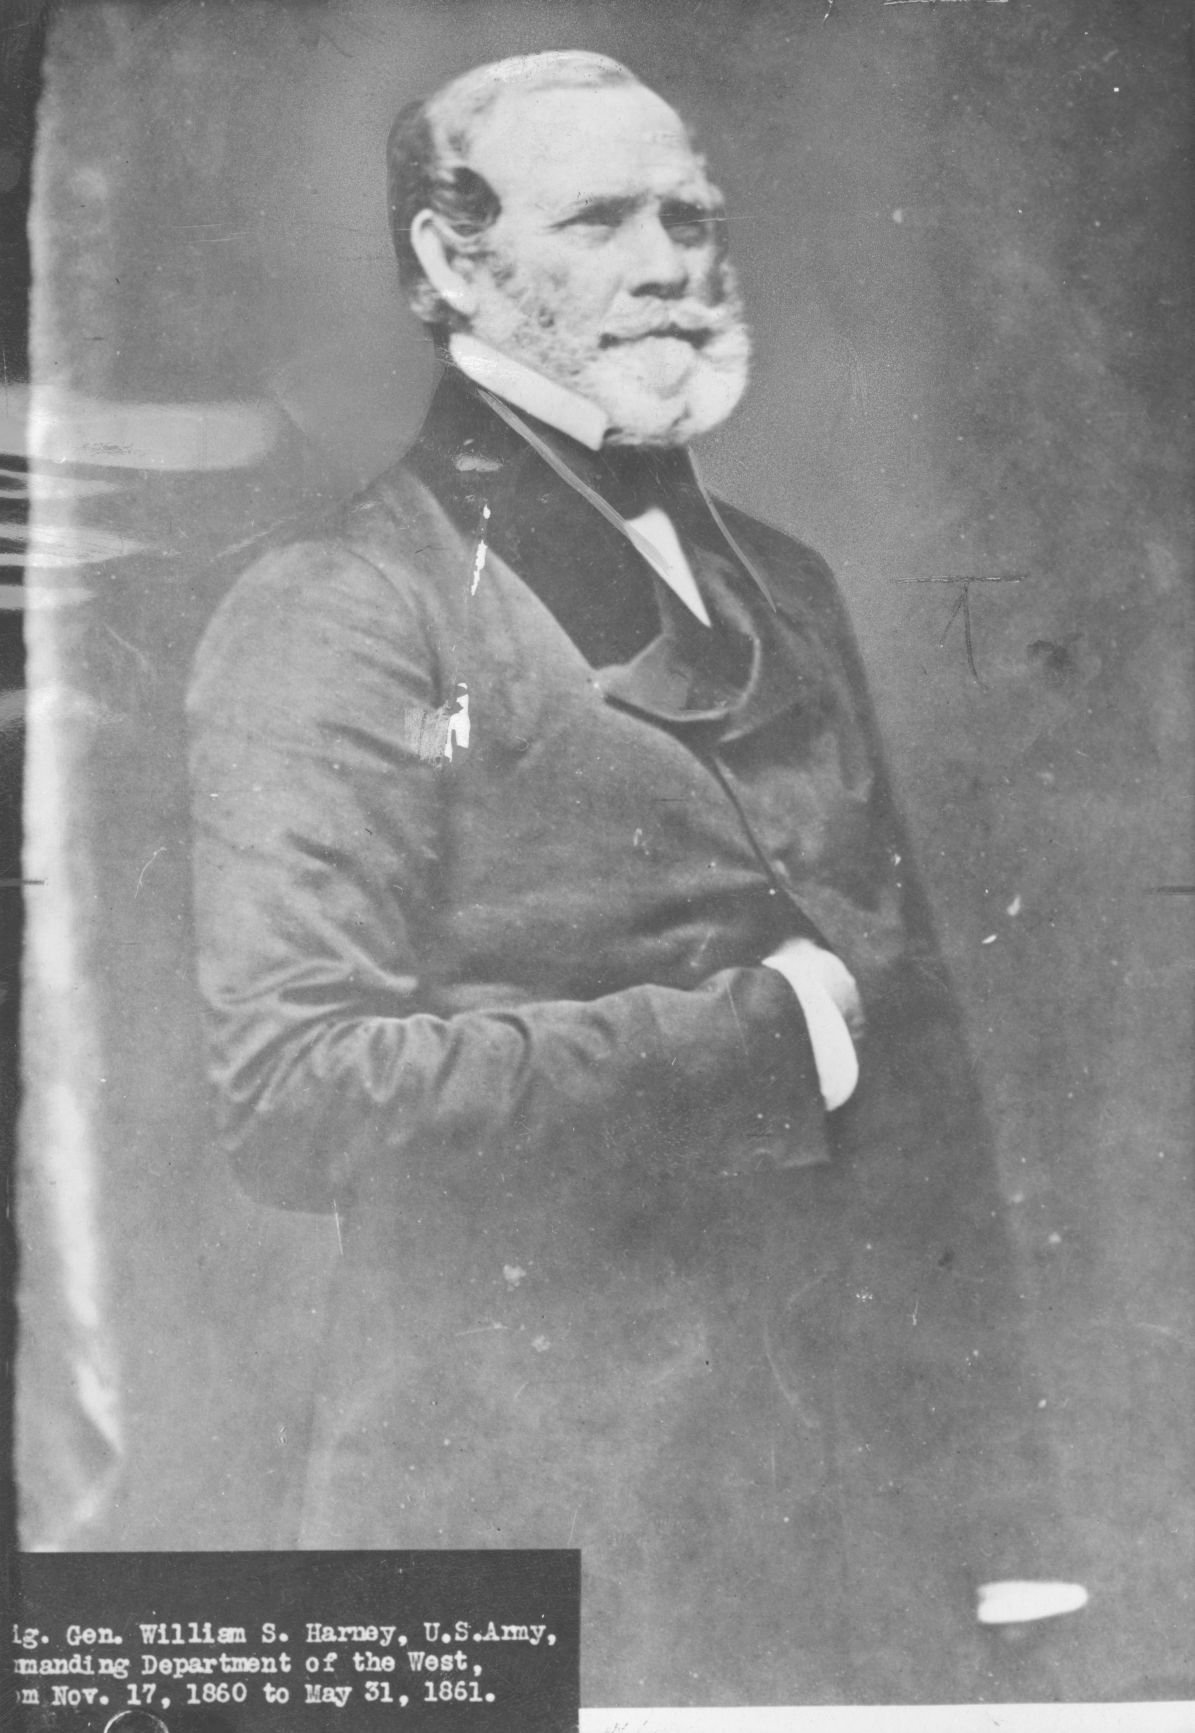 Gen. Harney